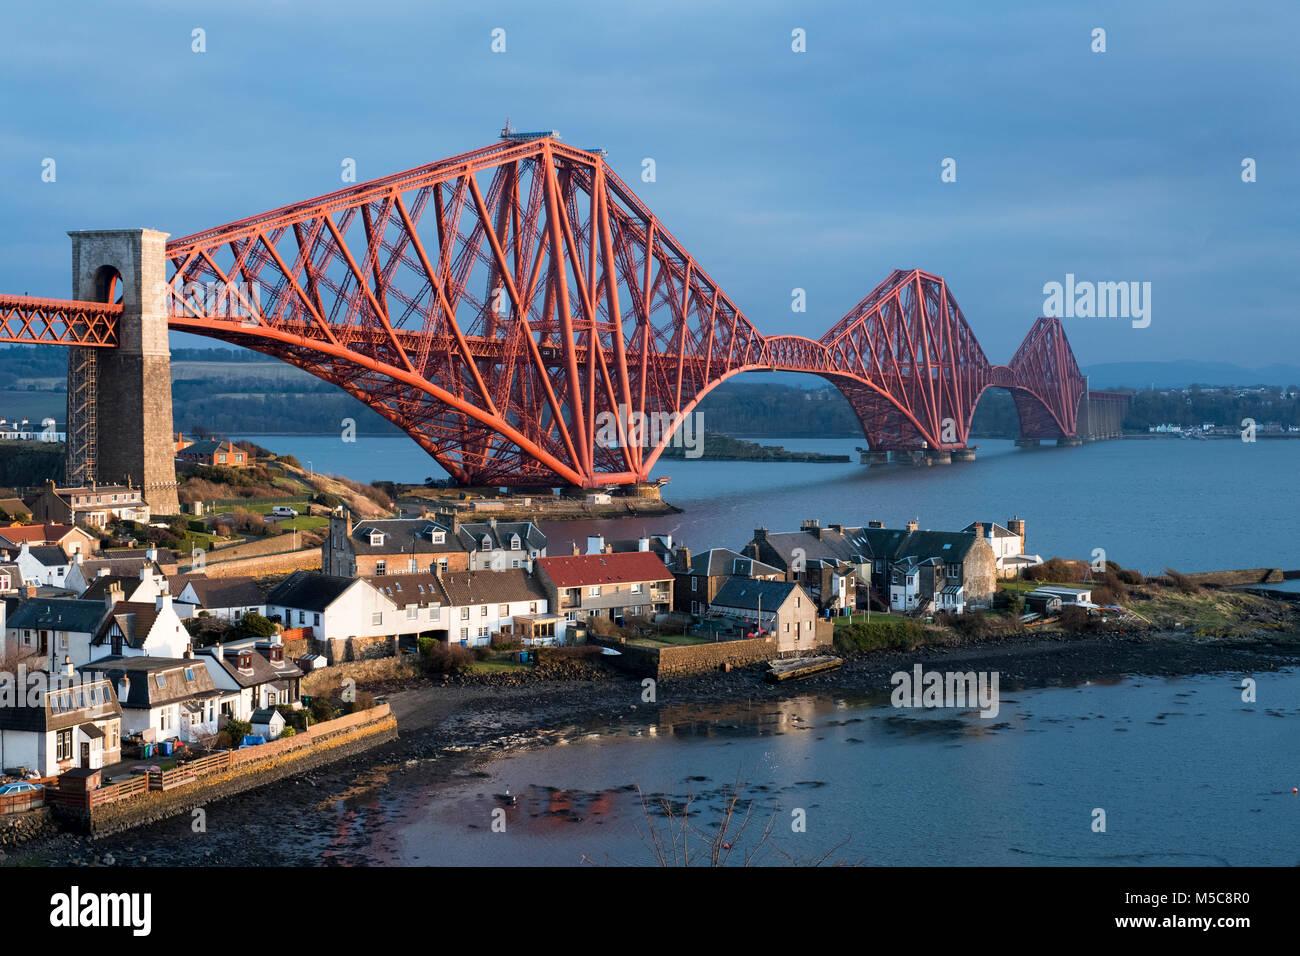 Le Forth Rail Bridge vue du Nord Queensferry s'étend sur le Firth of Forth entre le Nord et le Sud, l'Ecosse Photo Stock